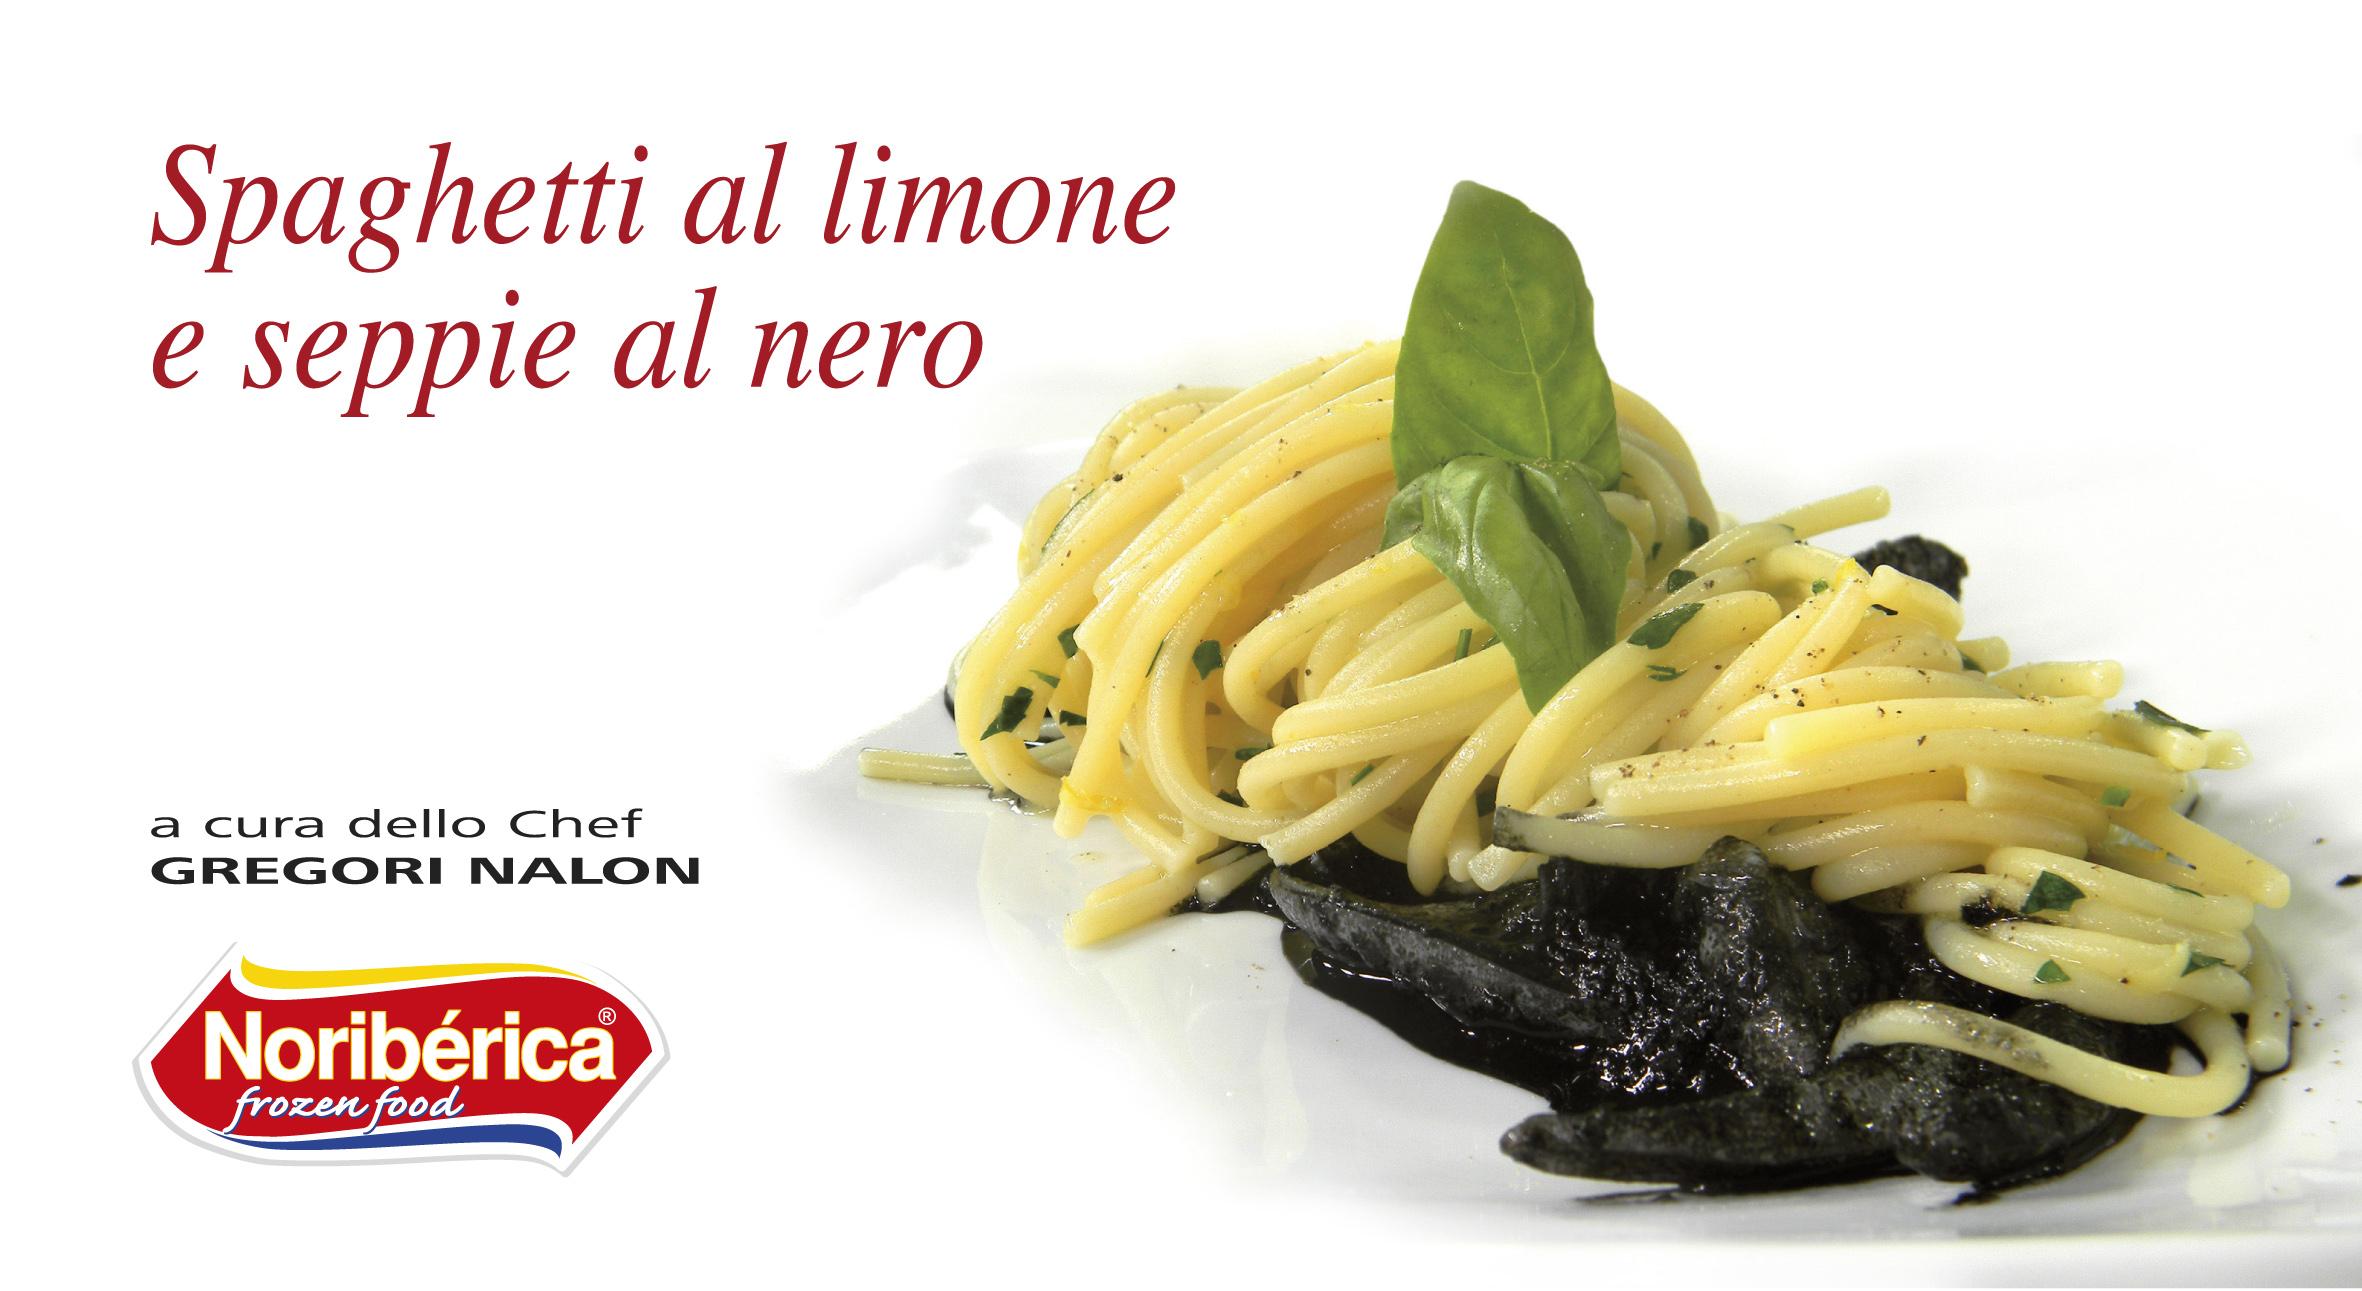 Spaghetti al limone e seppie al nero